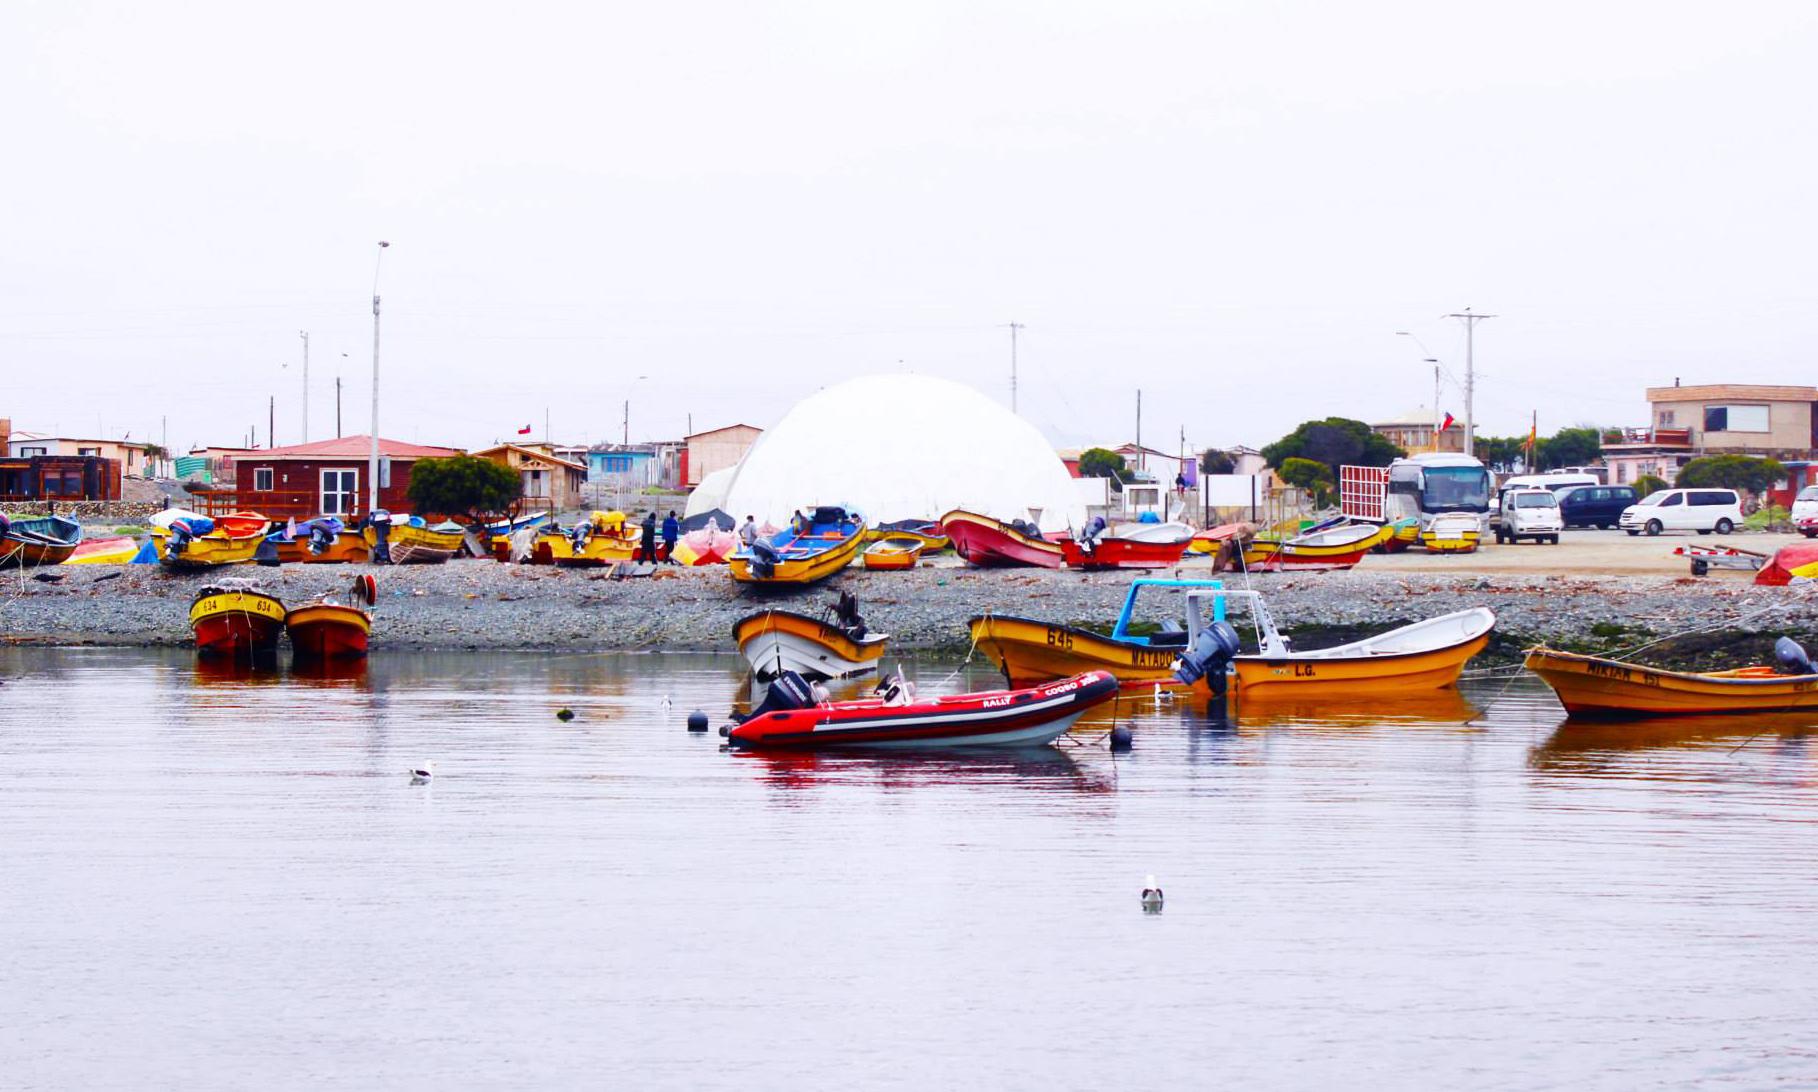 Realizan importante reunión de seguridad para zonas costeras de Freirina